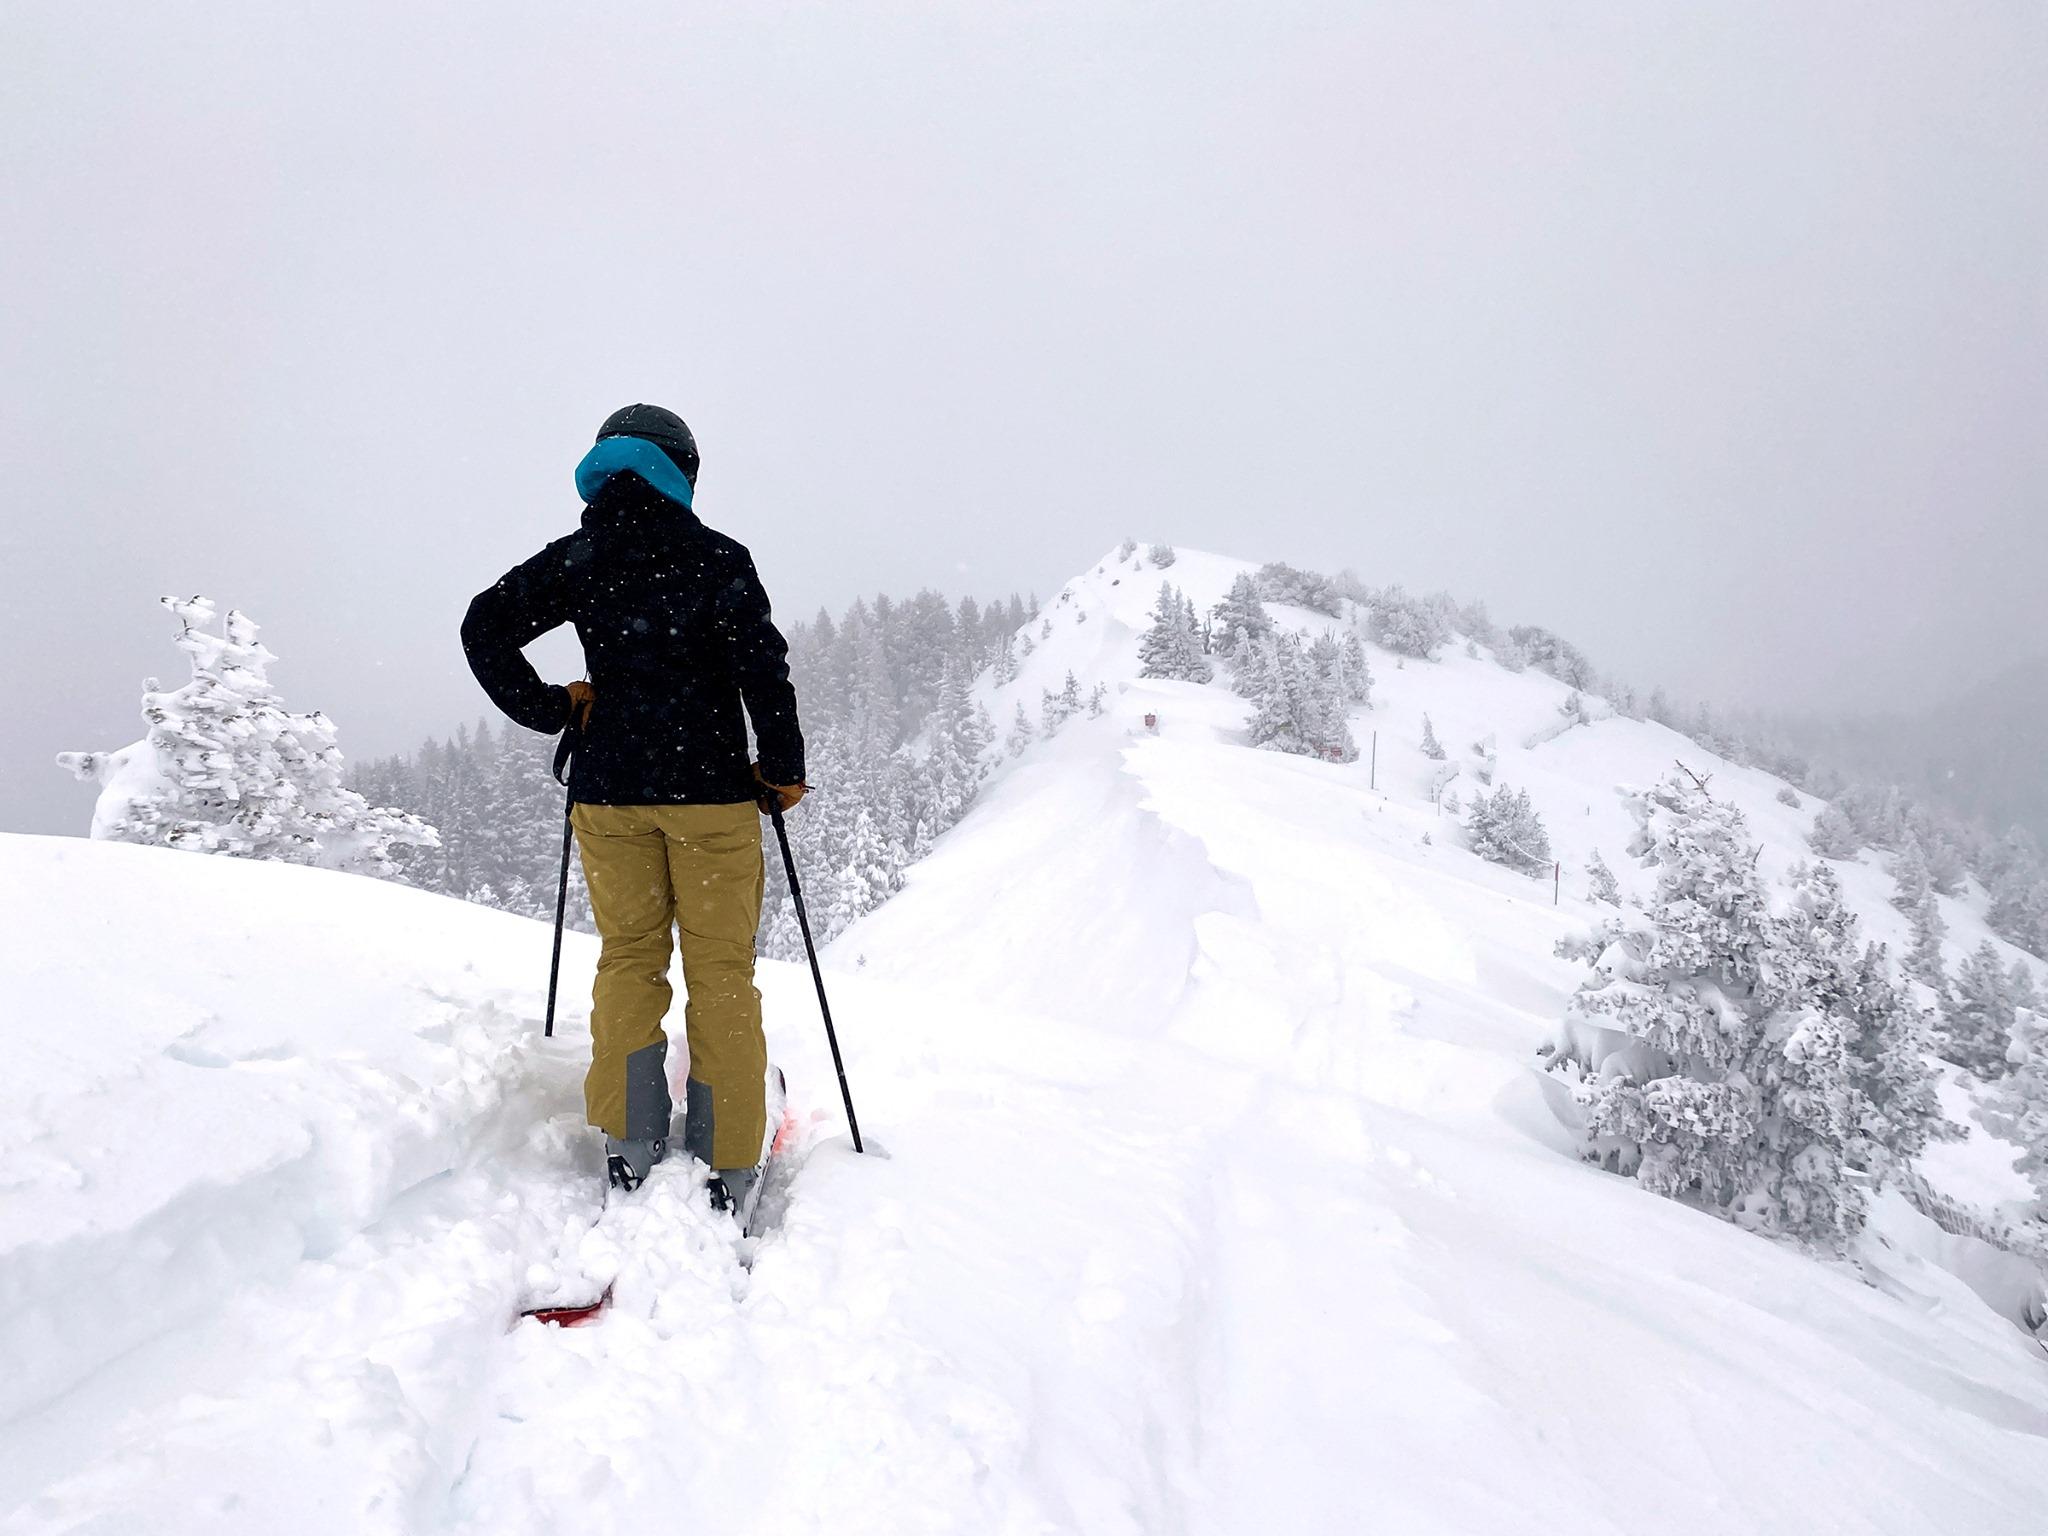 snowy, Taos